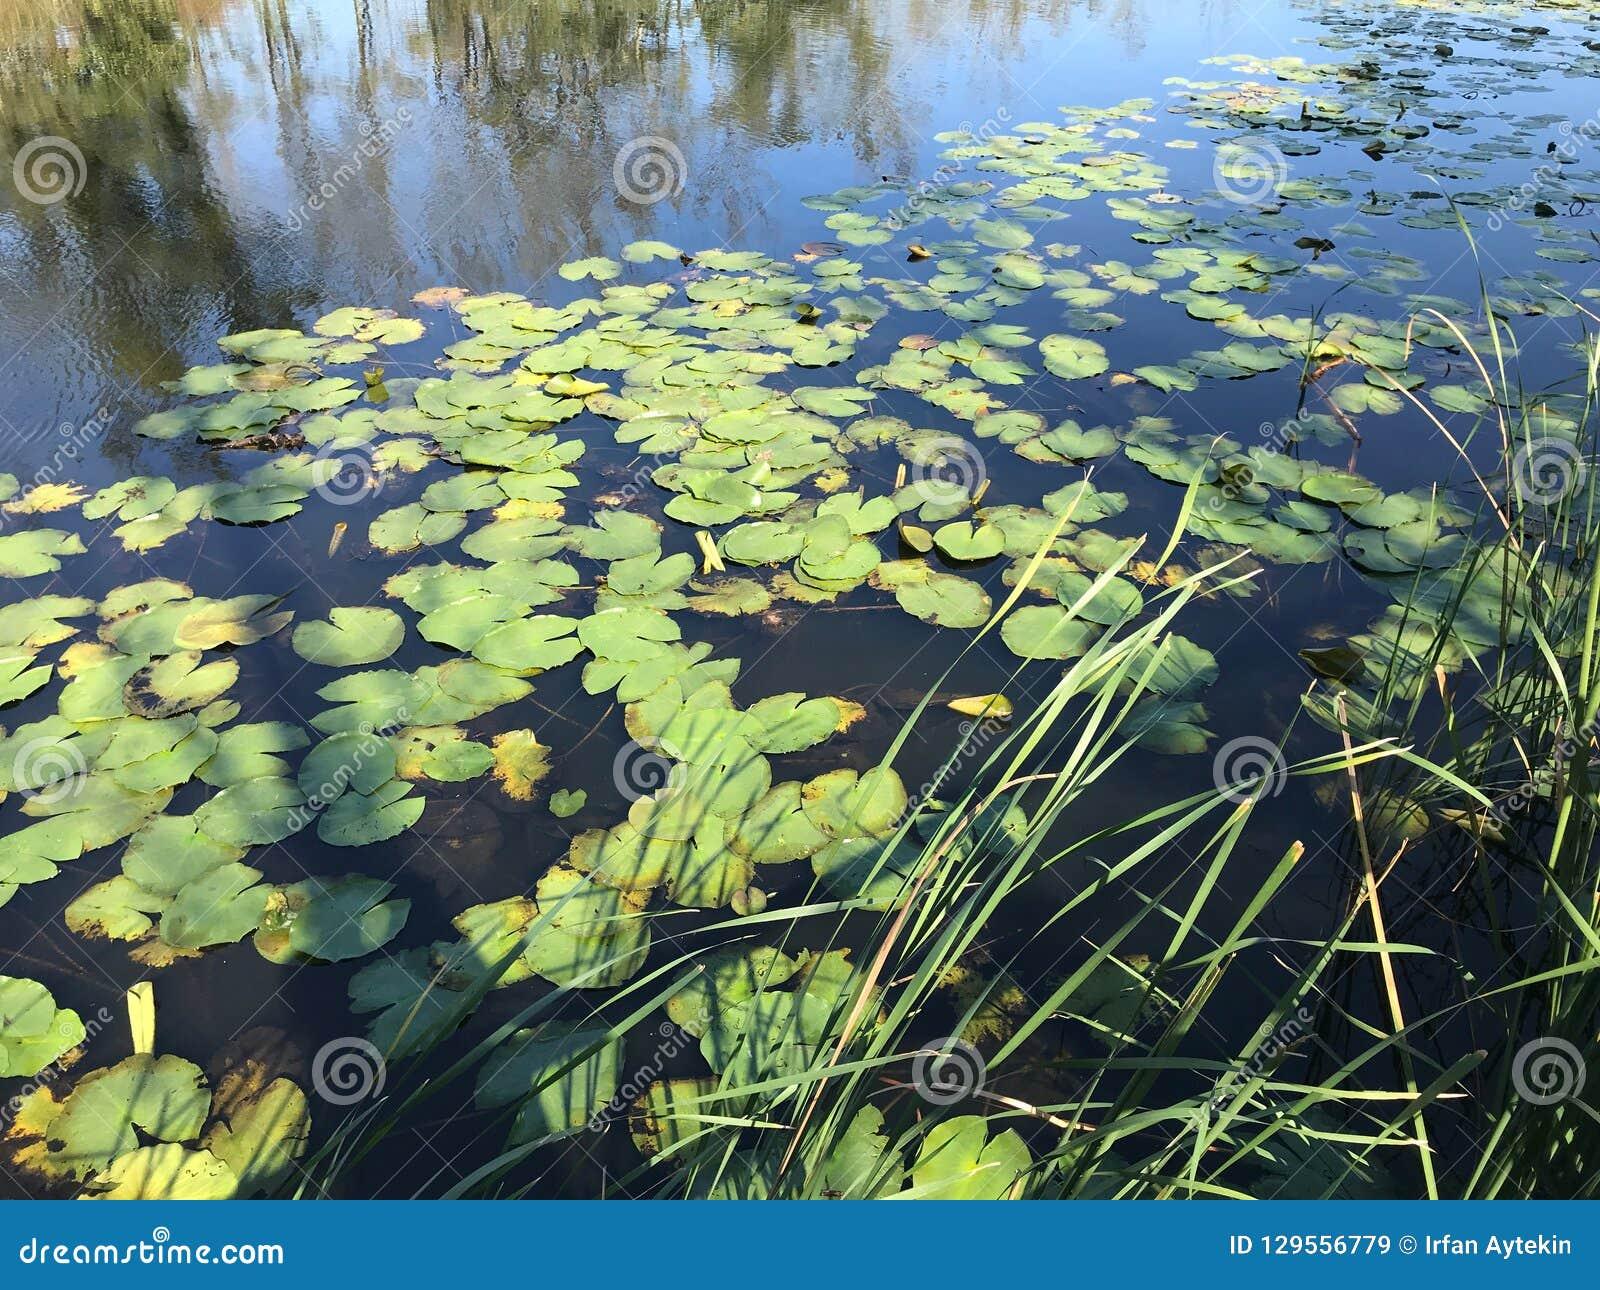 EM OUTUBRO DE 2018, a floresta de água doce em segundo a mais grande do pântano de Turquia: Acarlar em Sakarya, Turquia